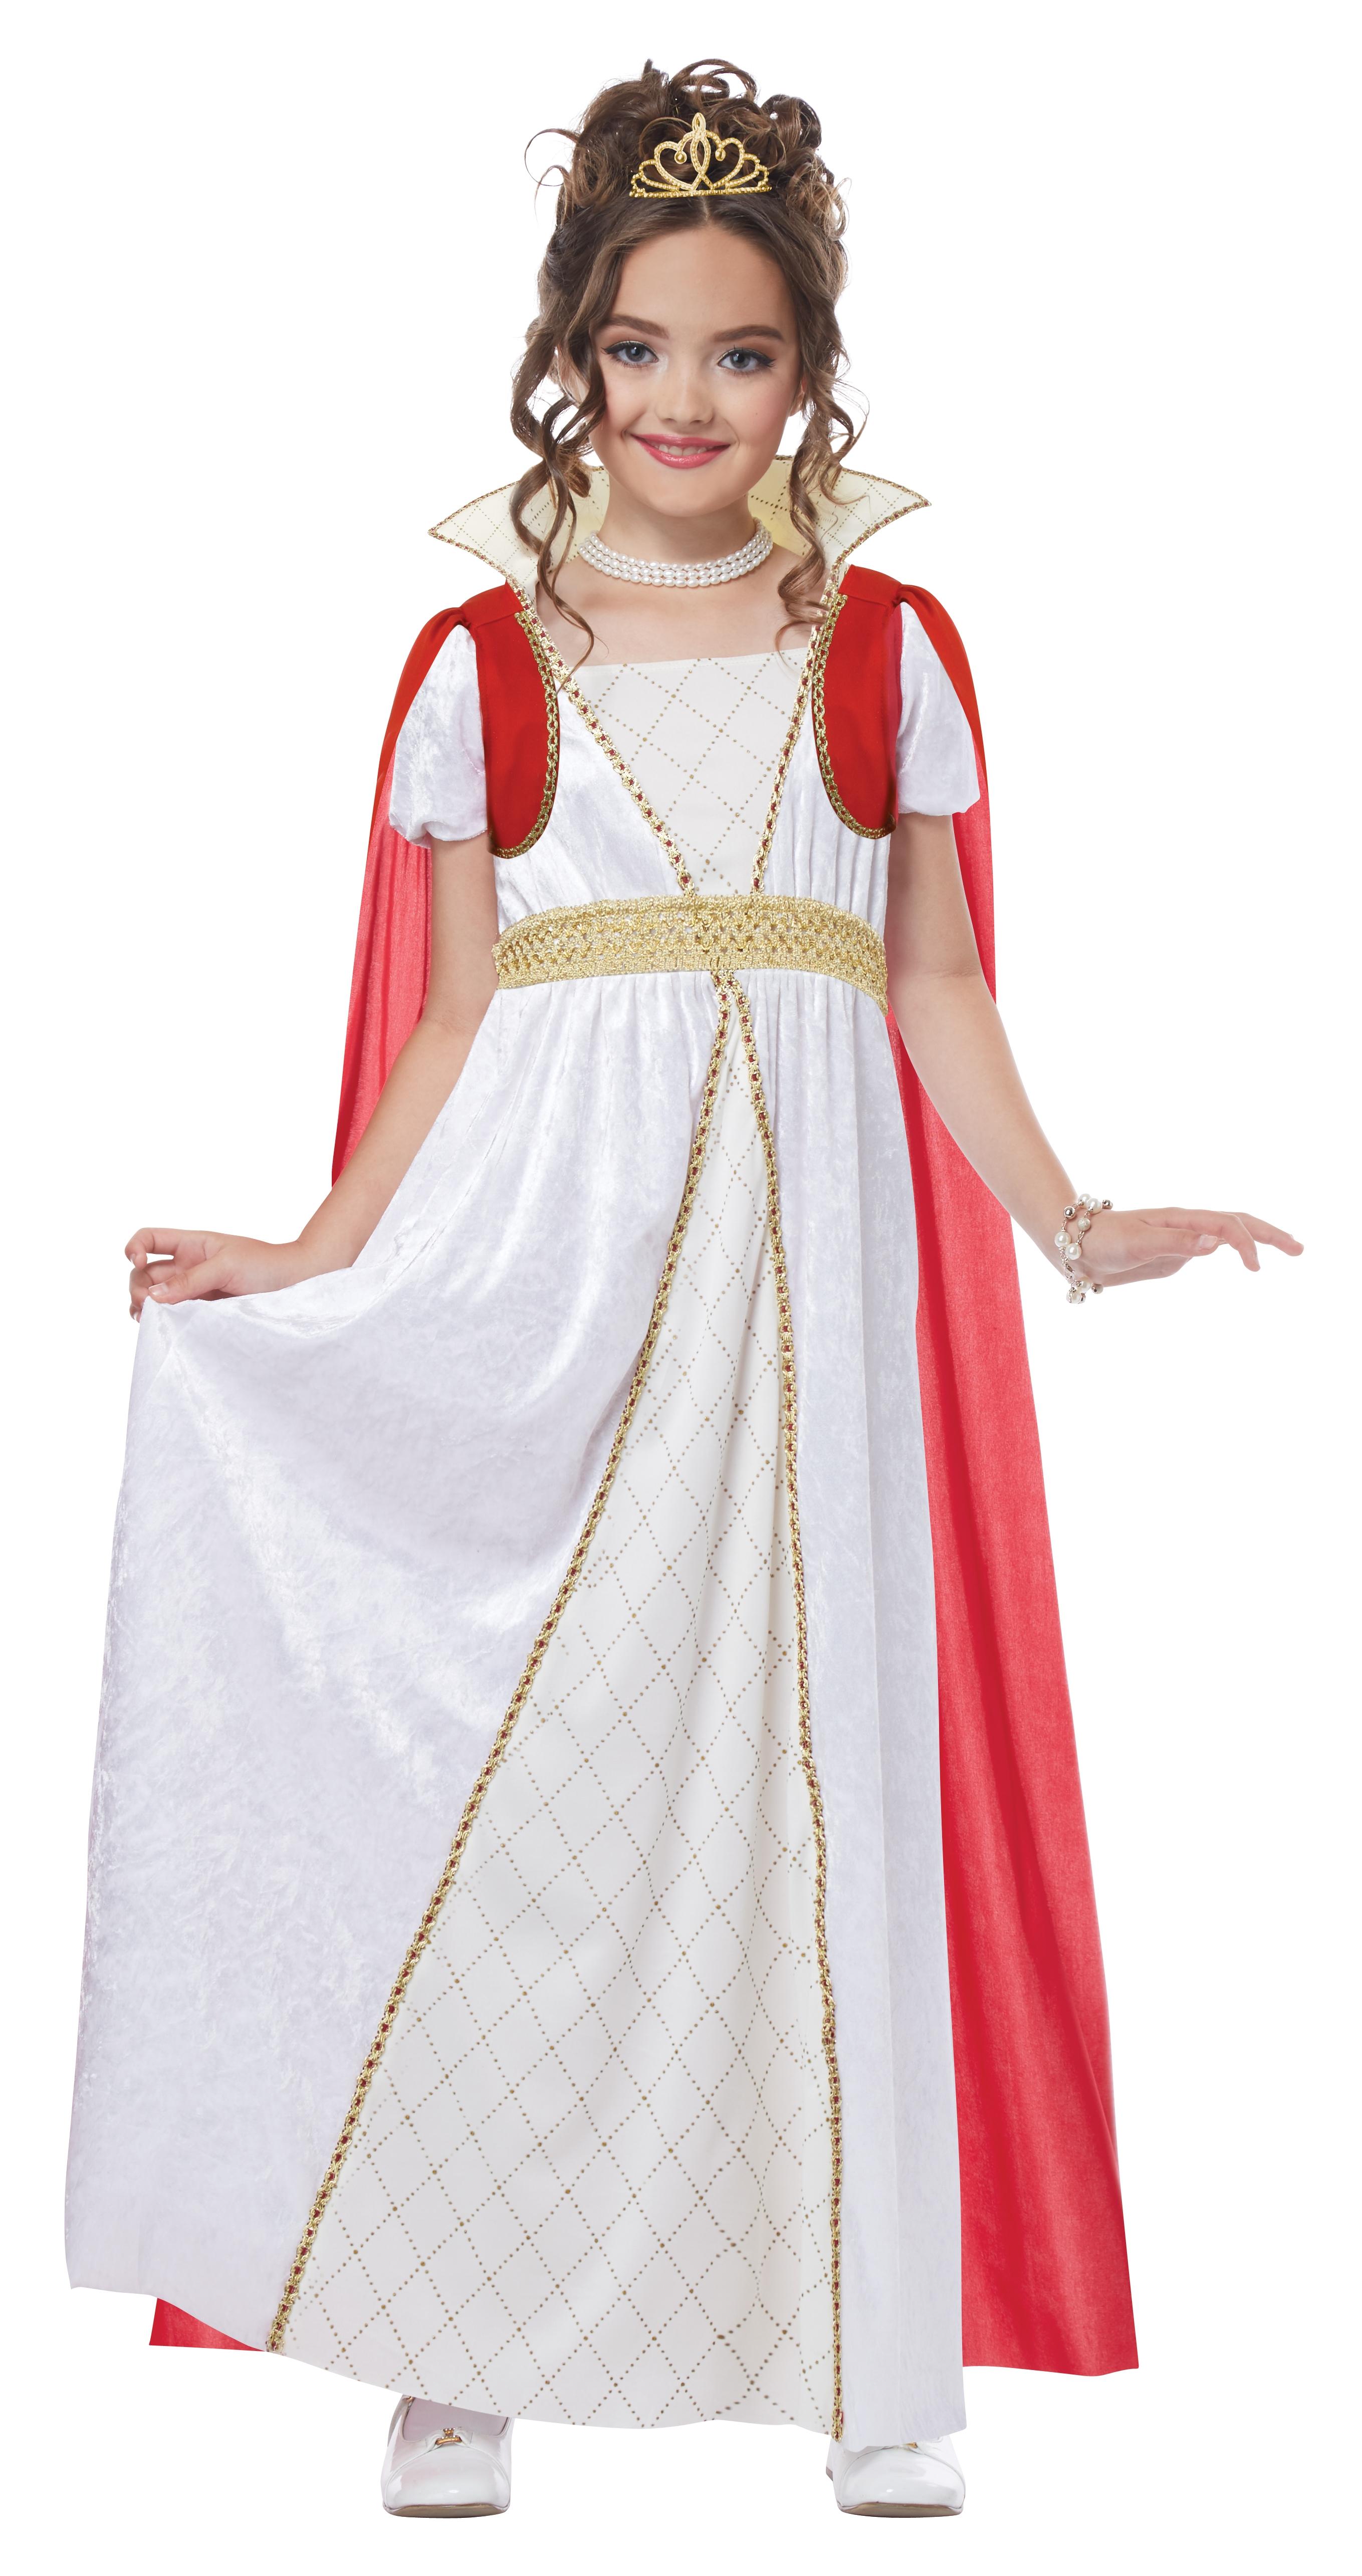 Детский костюм Юной Императрицы (38-40) детский костюм жуткого клоуна 38 40